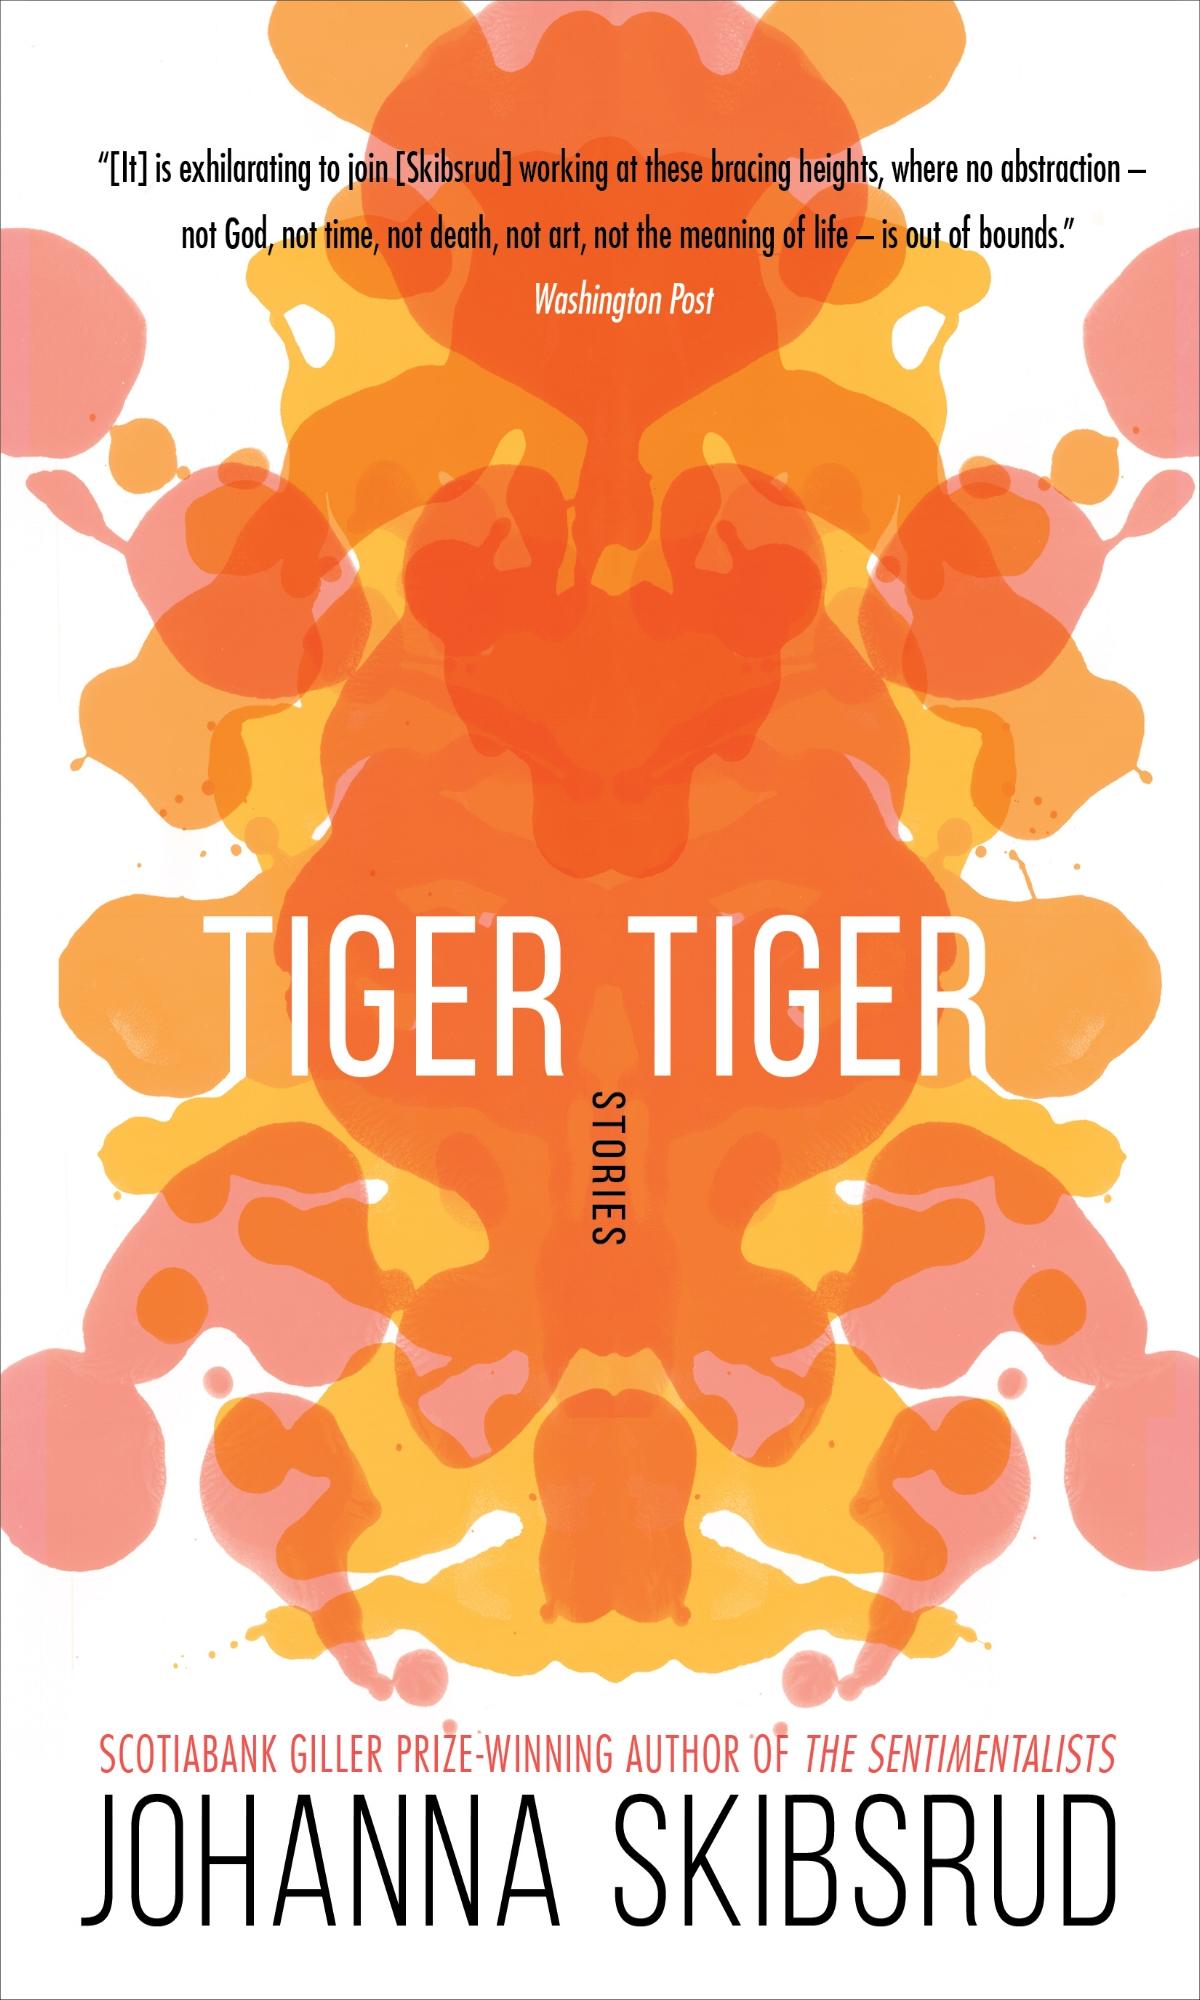 tiger tiger_APR18_a.jpg